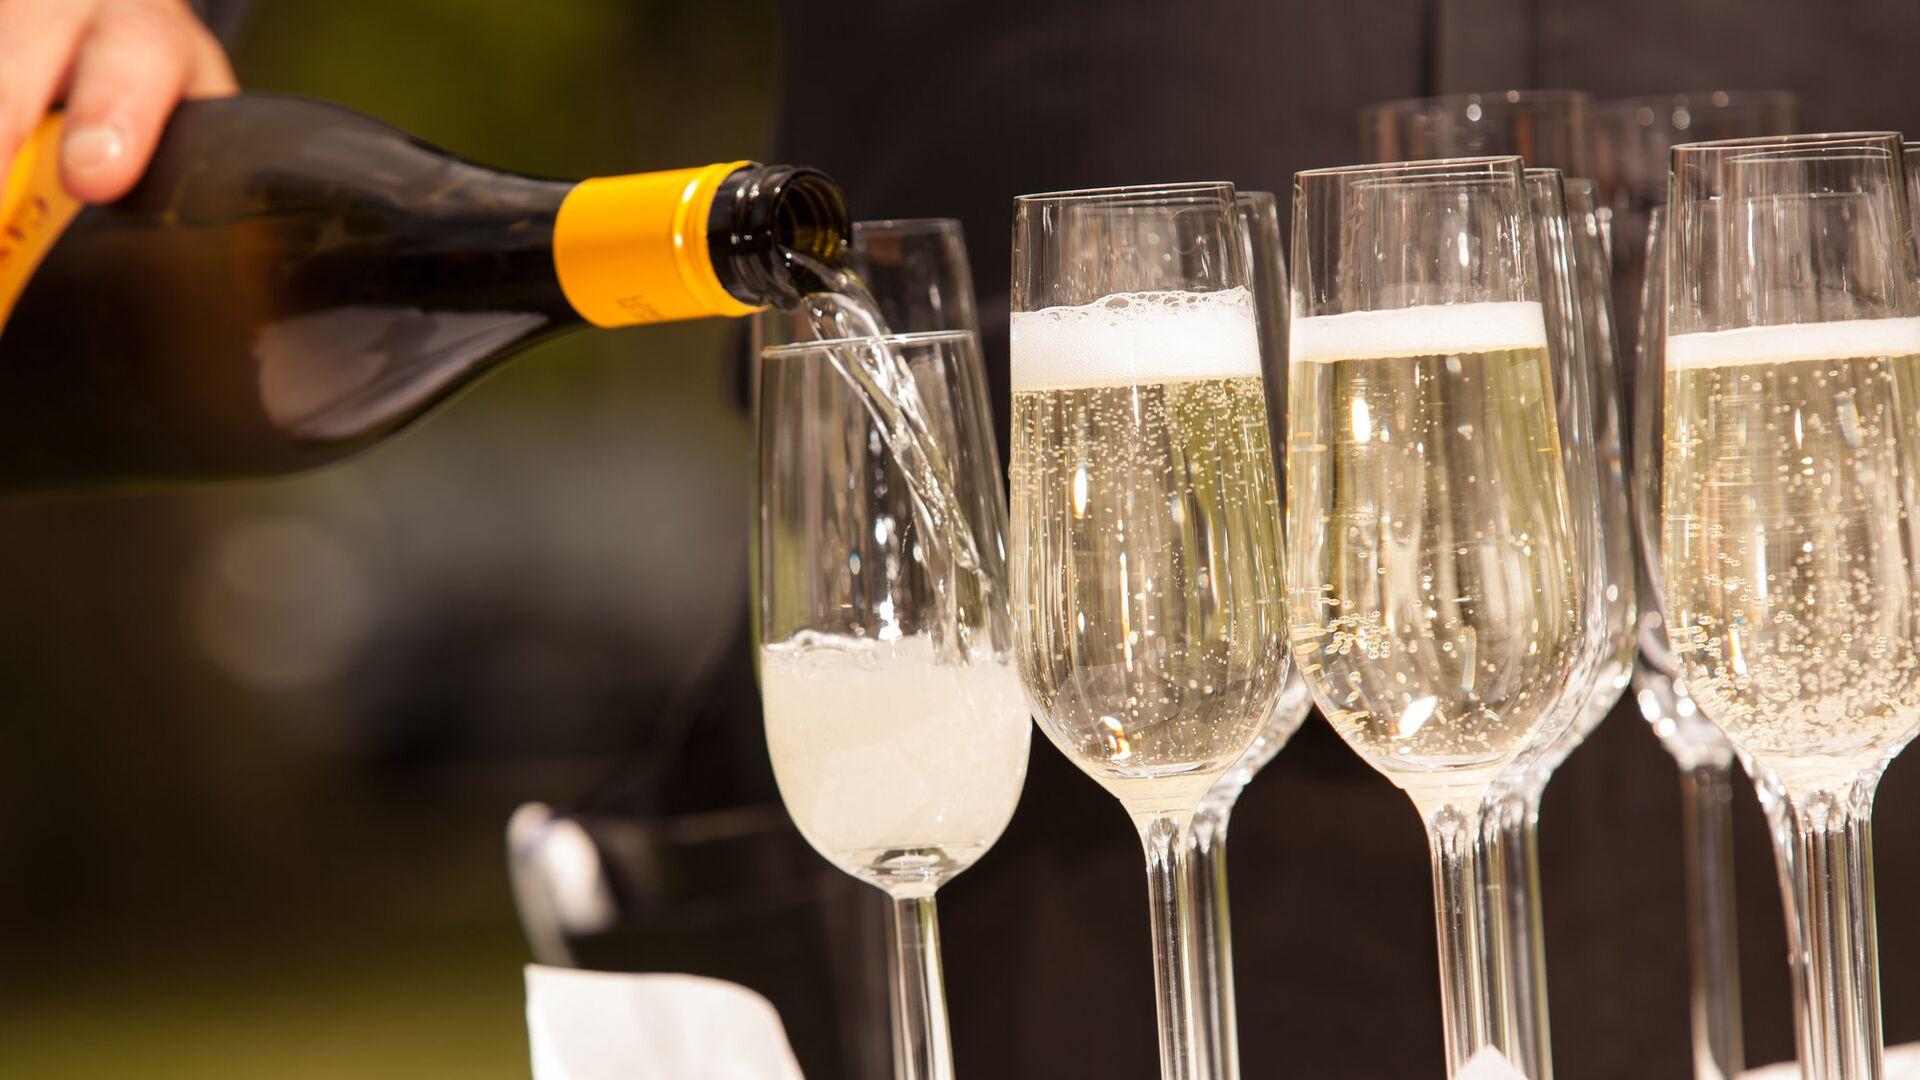 Минфин разъяснил правила импорта алкоголя после поправок в закон о вине